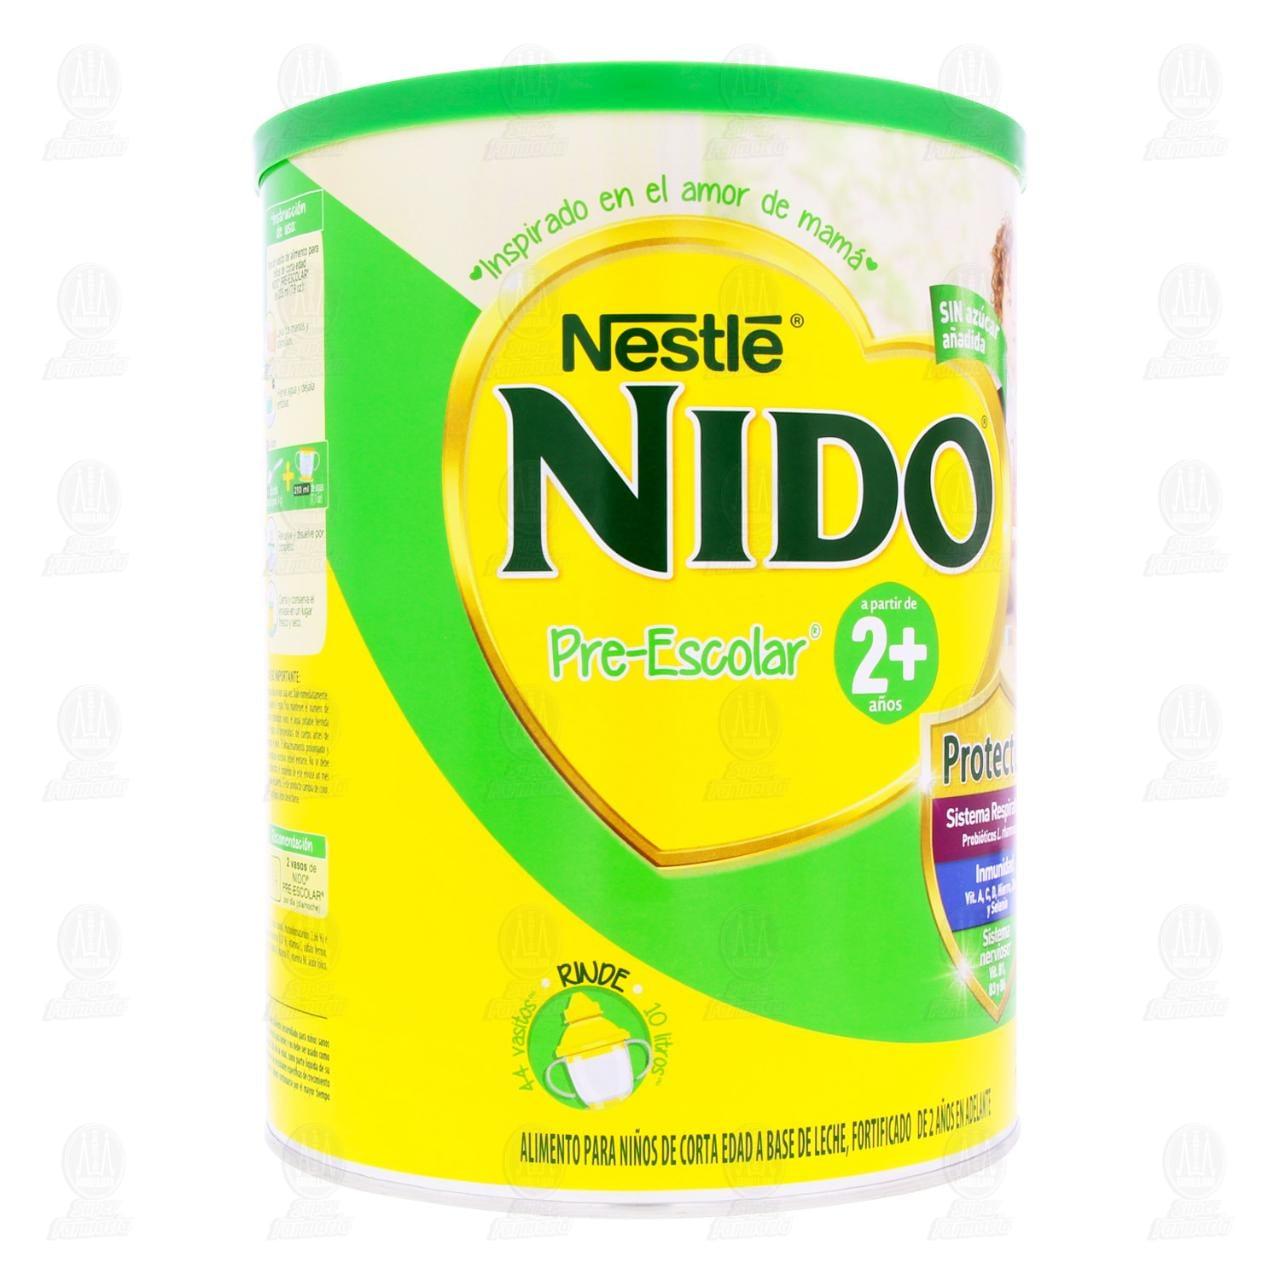 Comprar Nido Pre-Escolar 2+ Años, 1.5 kg. en Farmacias Guadalajara